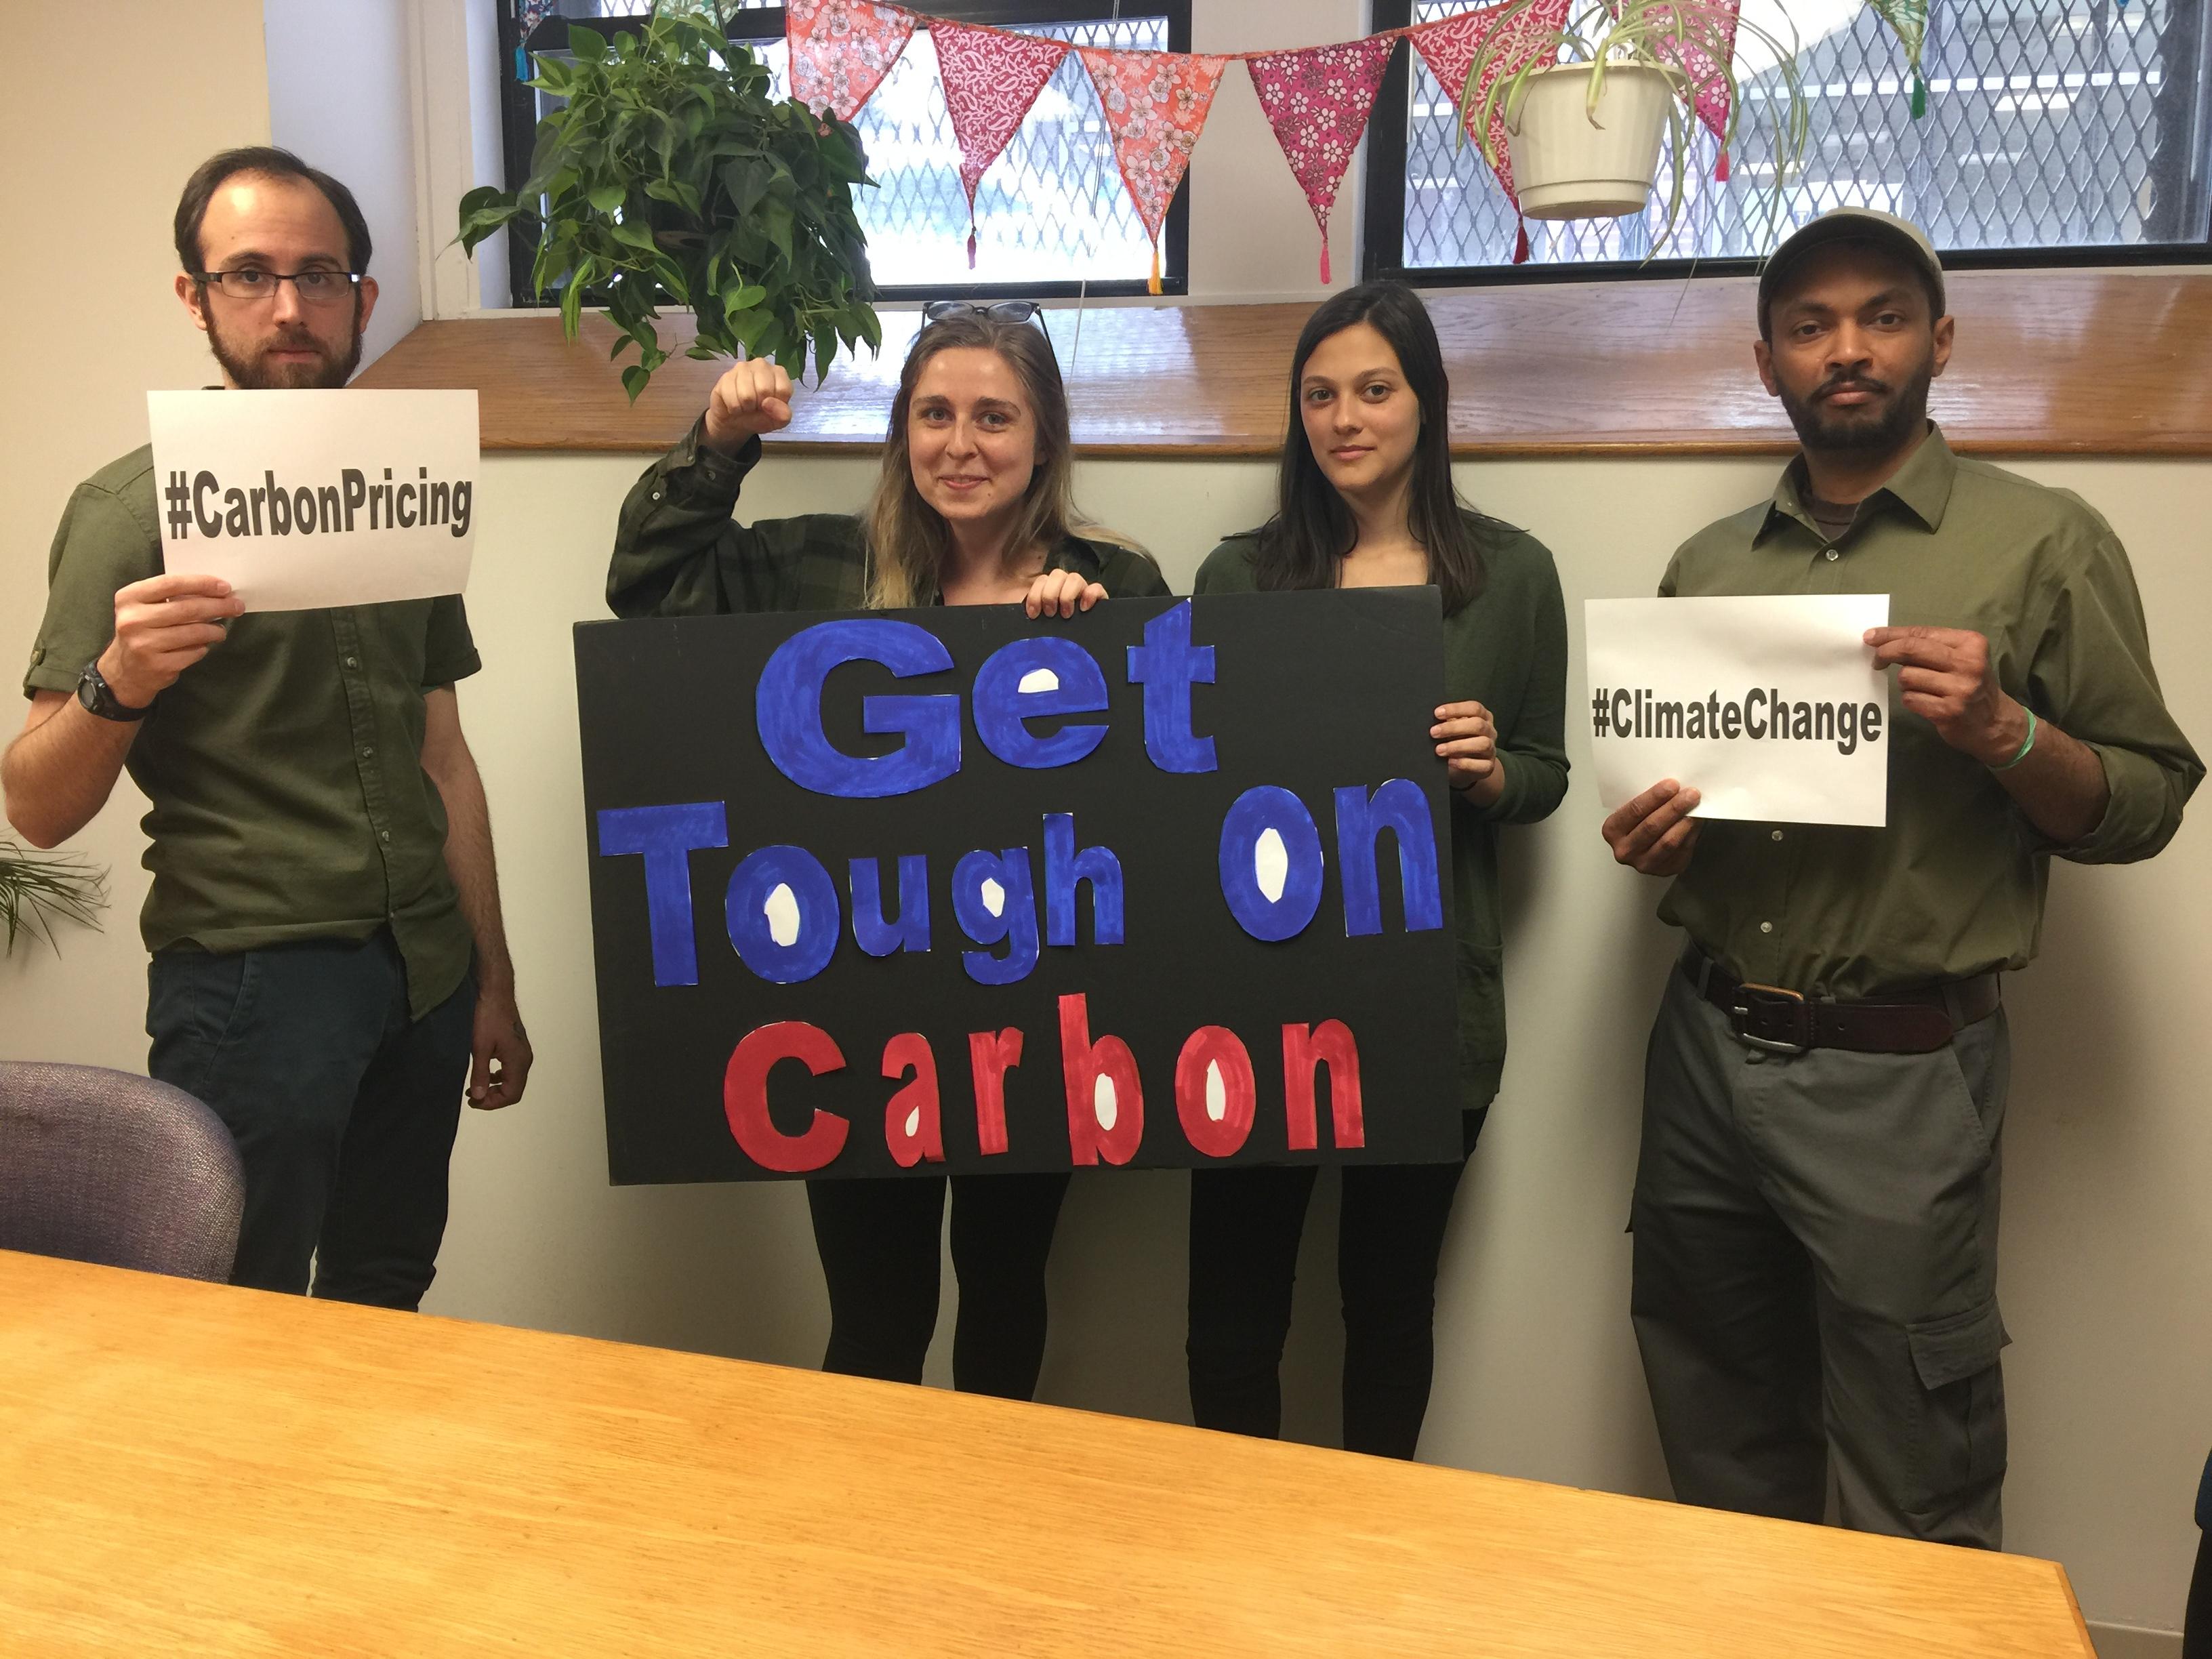 Get Tough on Carbon